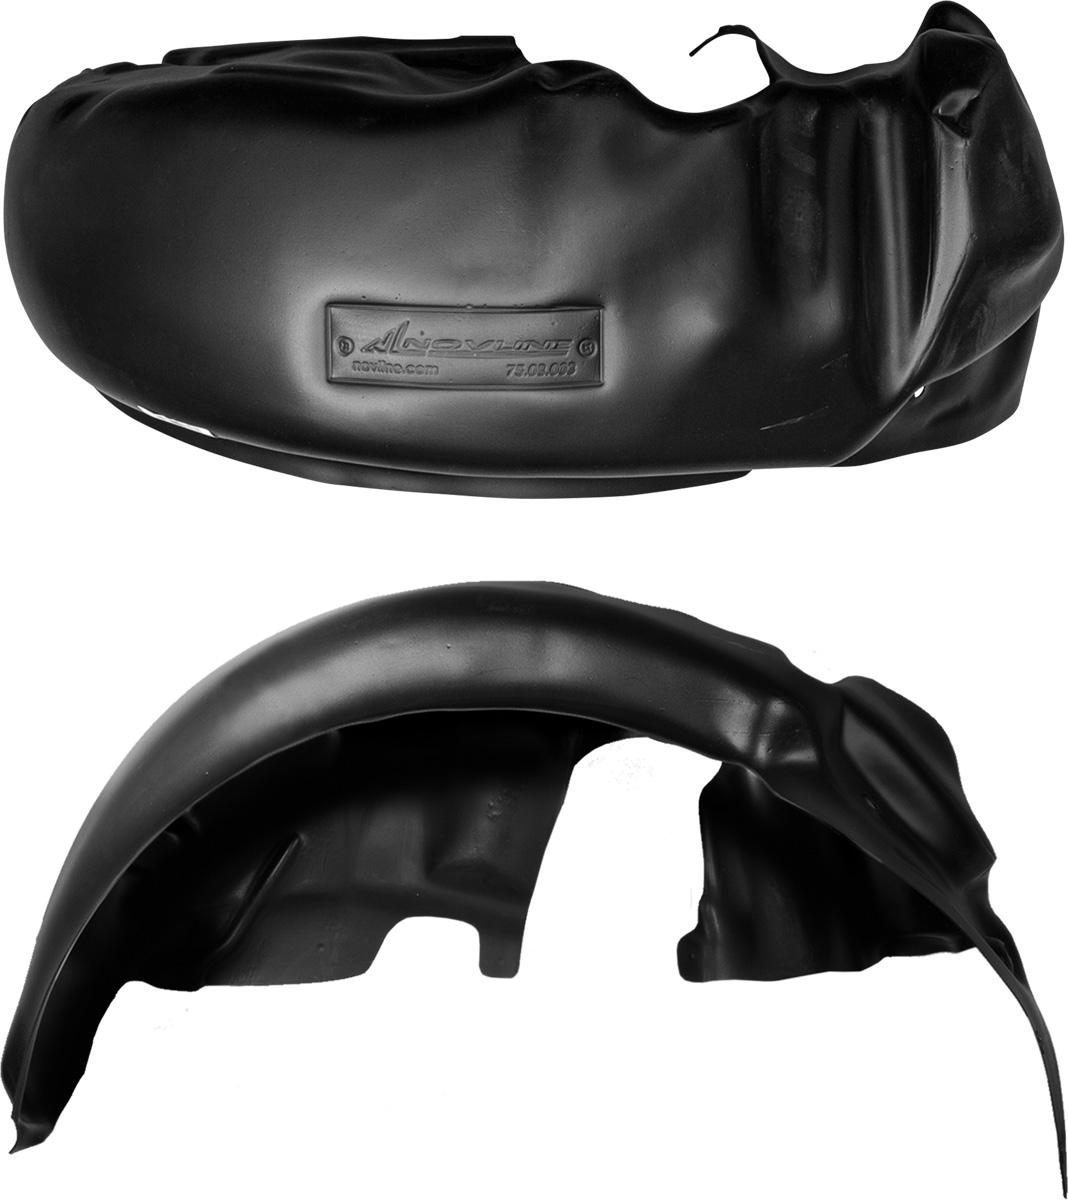 Подкрылок Novline-Autofamily, для Chevrolet Aveo, 2012->, седан, задний правыйNLL.08.15.004Колесные ниши - одни из самых уязвимых зон днища вашего автомобиля. Они постоянно подвергаются воздействию со стороны дороги. Лучшая, почти абсолютная защита для них - специально отформованные пластиковые кожухи, которые называются подкрылками. Производятся они как для отечественных моделей автомобилей, так и для иномарок. Подкрылки Novline-Autofamily выполнены из высококачественного, экологически чистого пластика. Обеспечивают надежную защиту кузова автомобиля от пескоструйного эффекта и негативного влияния, агрессивных антигололедных реагентов. Пластик обладает более низкой теплопроводностью, чем металл, поэтому в зимний период эксплуатации использование пластиковых подкрылков позволяет лучше защитить колесные ниши от налипания снега и образования наледи. Оригинальность конструкции подчеркивает элегантность автомобиля, бережно защищает нанесенное на днище кузова антикоррозийное покрытие и позволяет осуществить крепление подкрылков внутри колесной арки практически без...